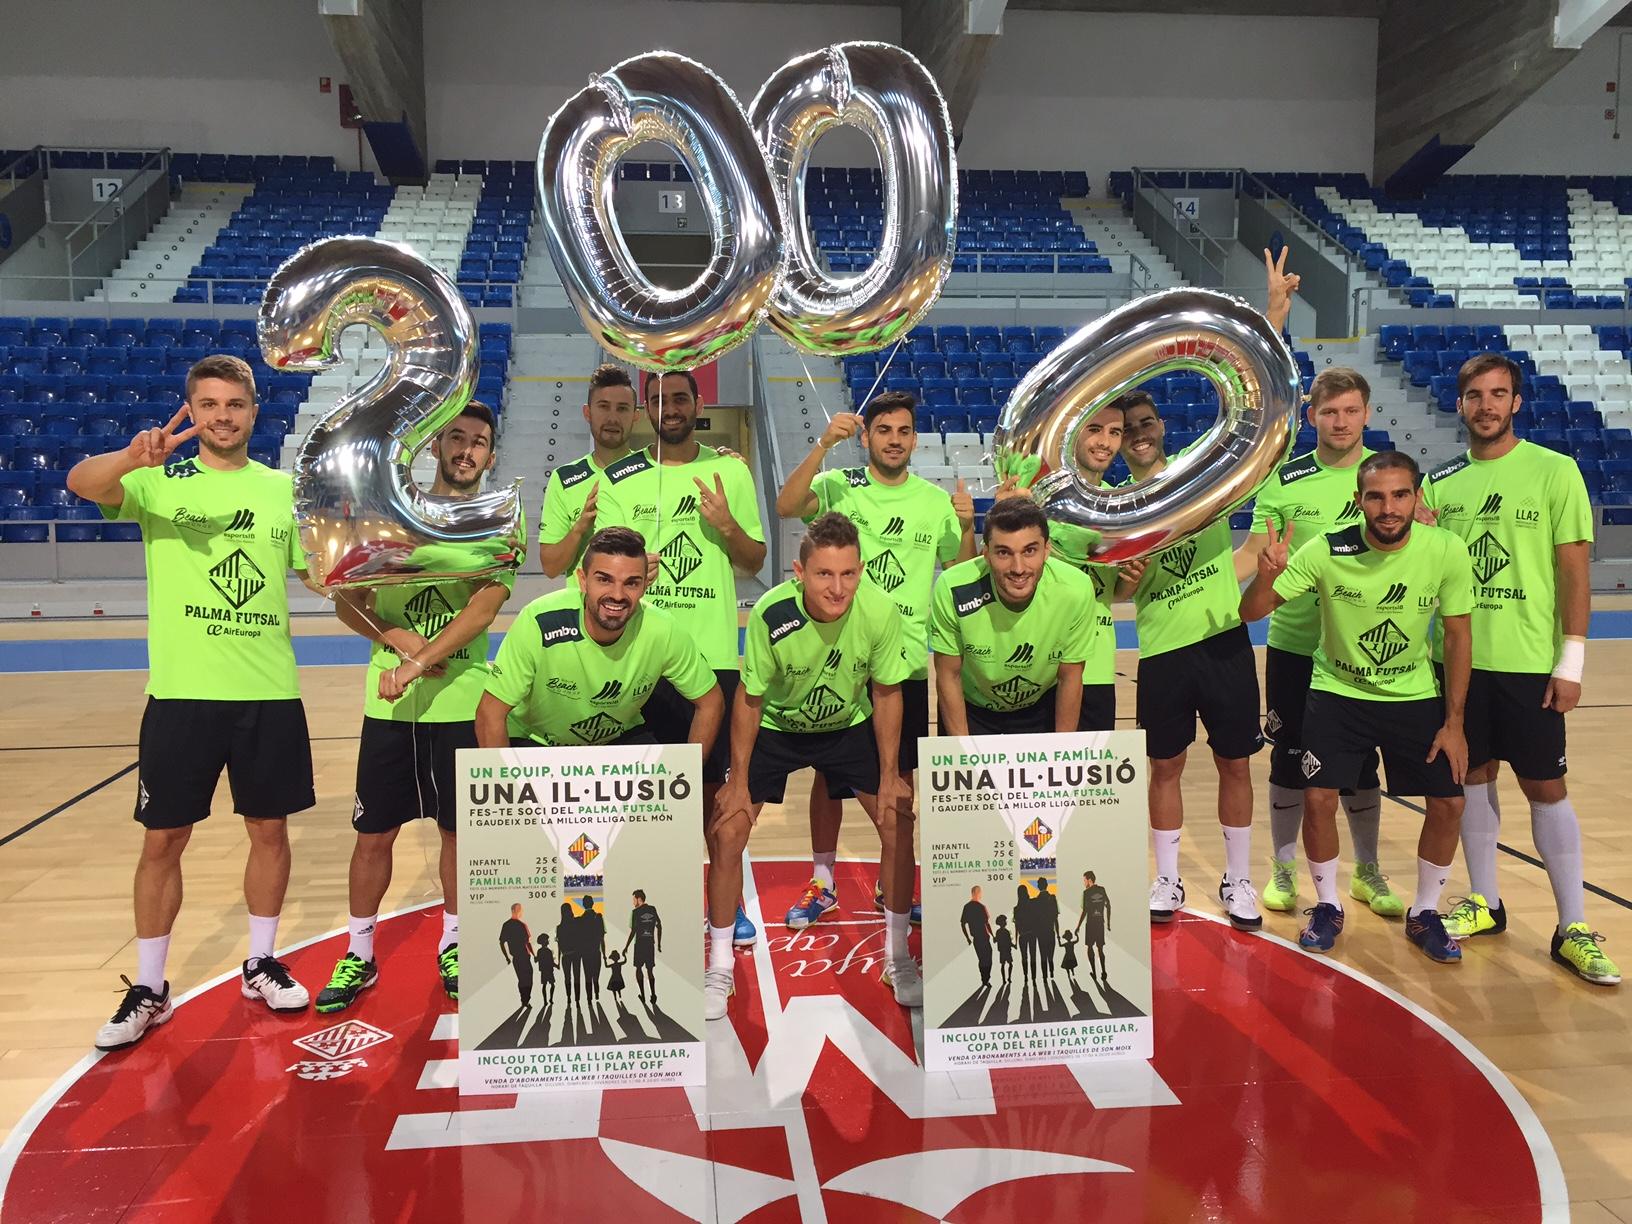 El Palma Futsal posa con el número 2000 de la campaña de socios 2